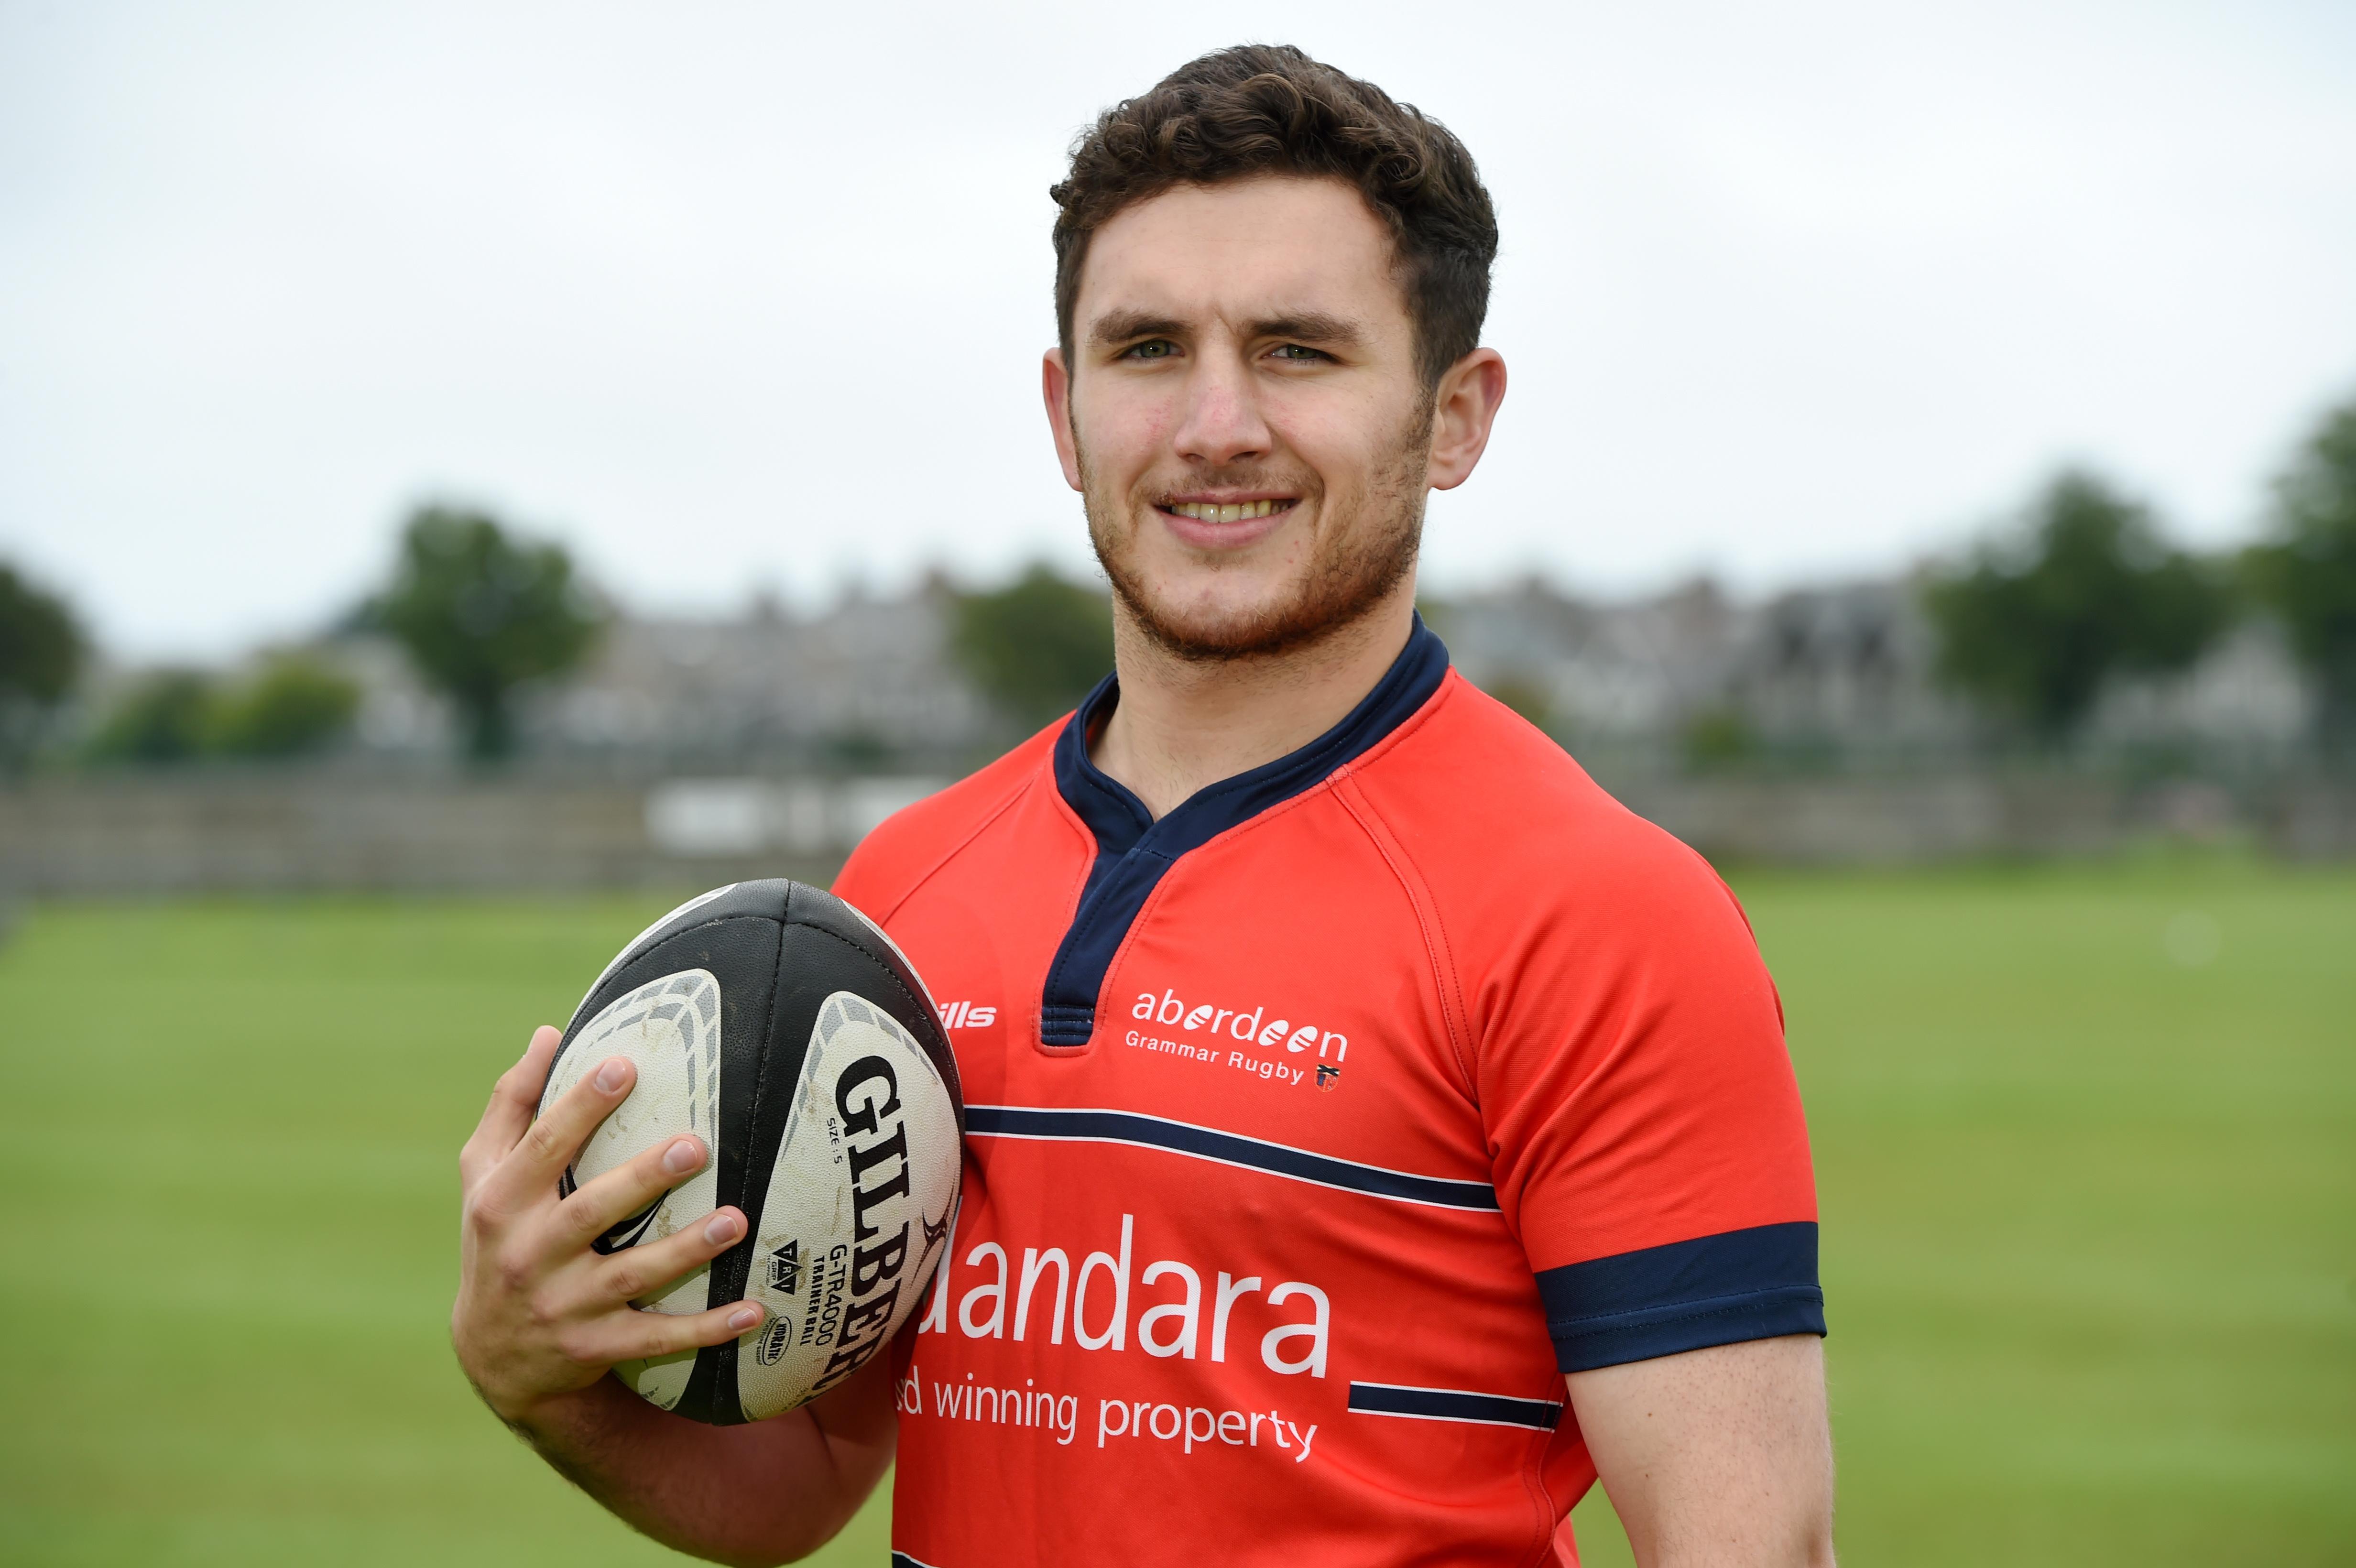 Aberdeen Grammar vice-captain Doug Russell.